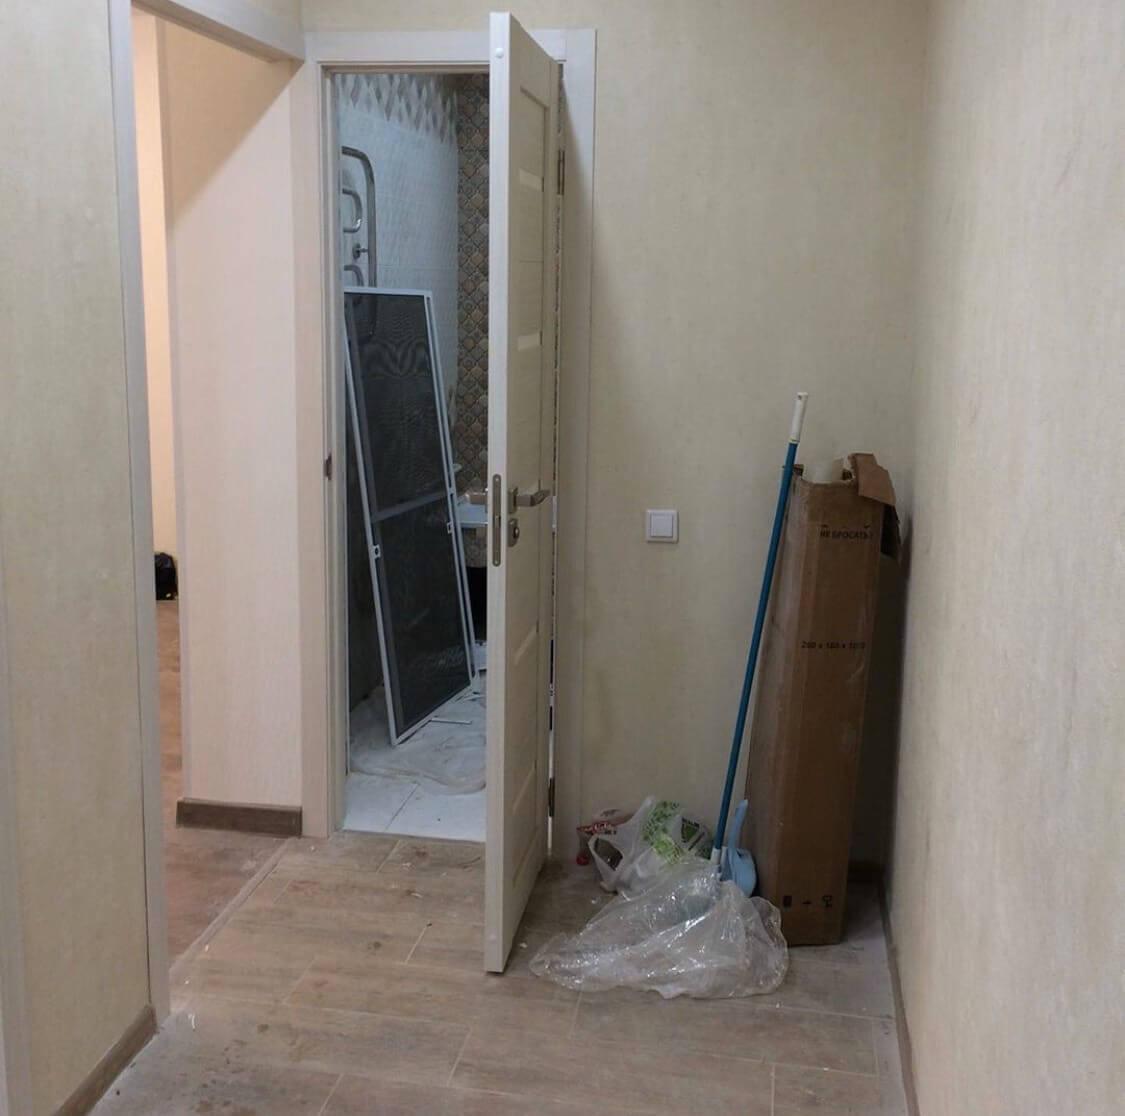 Коридор и дверь в ванную до уборки